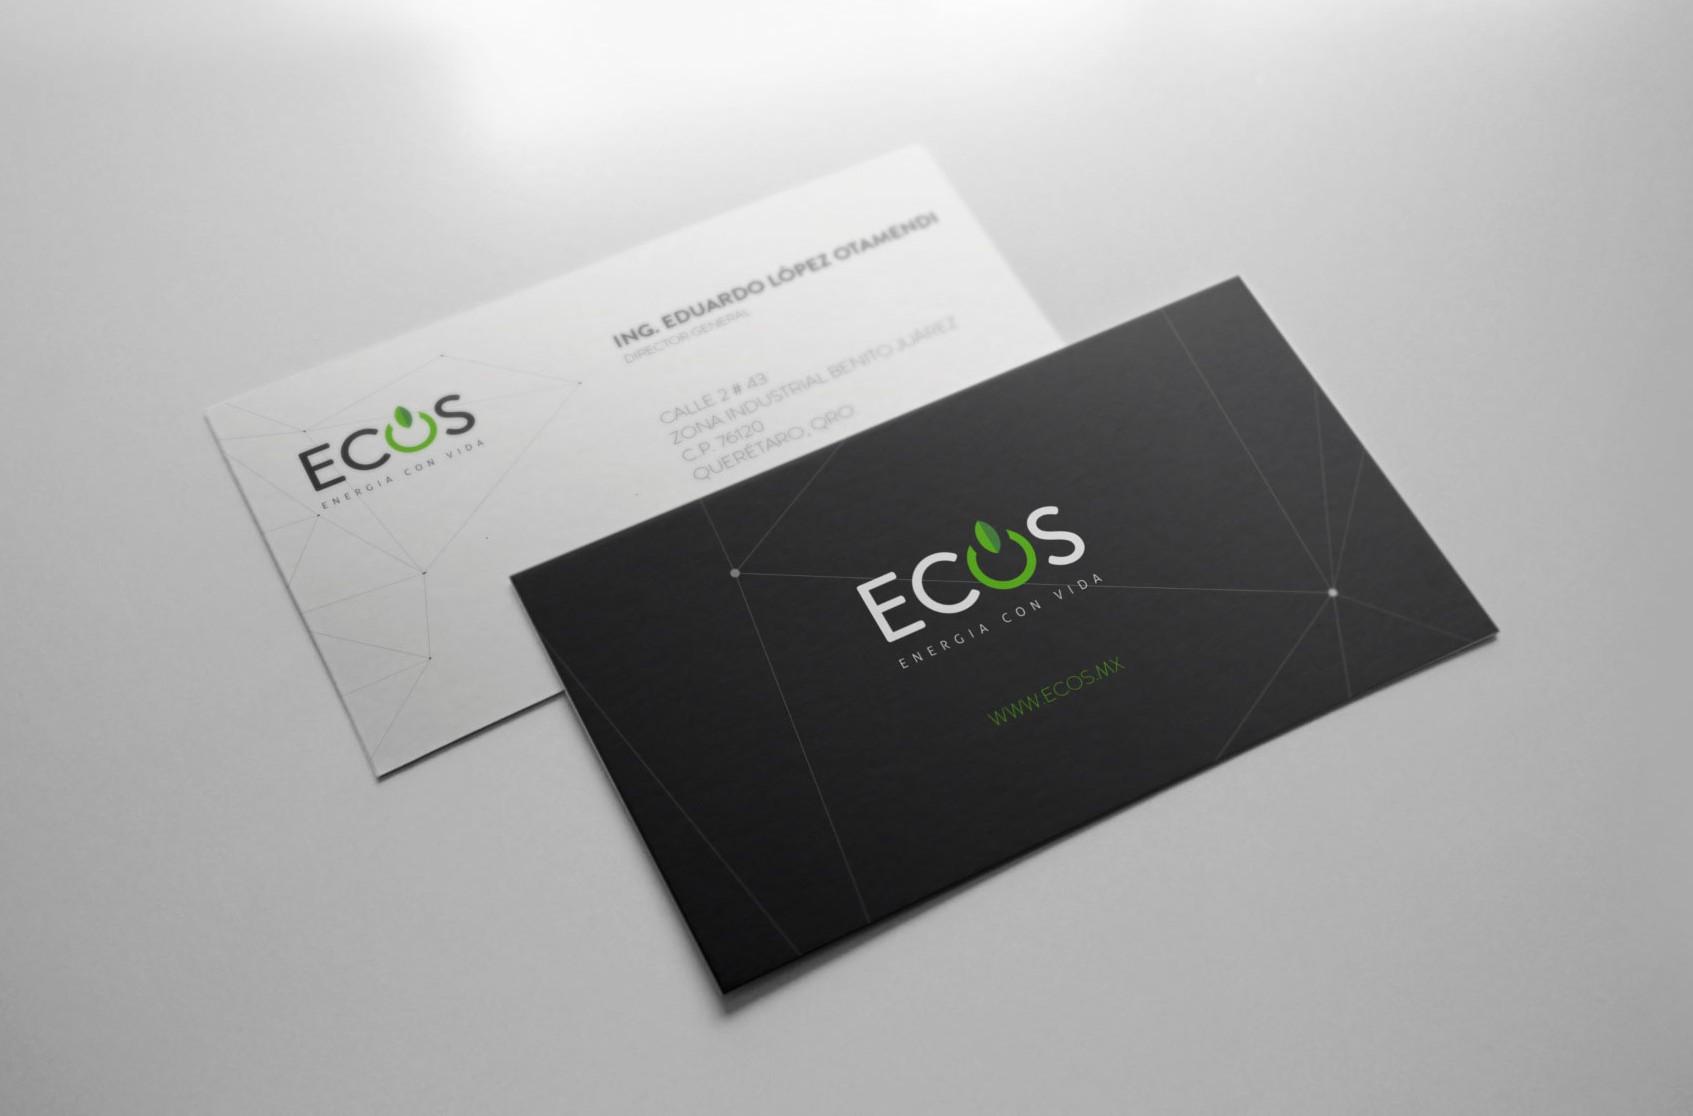 Ecos-2